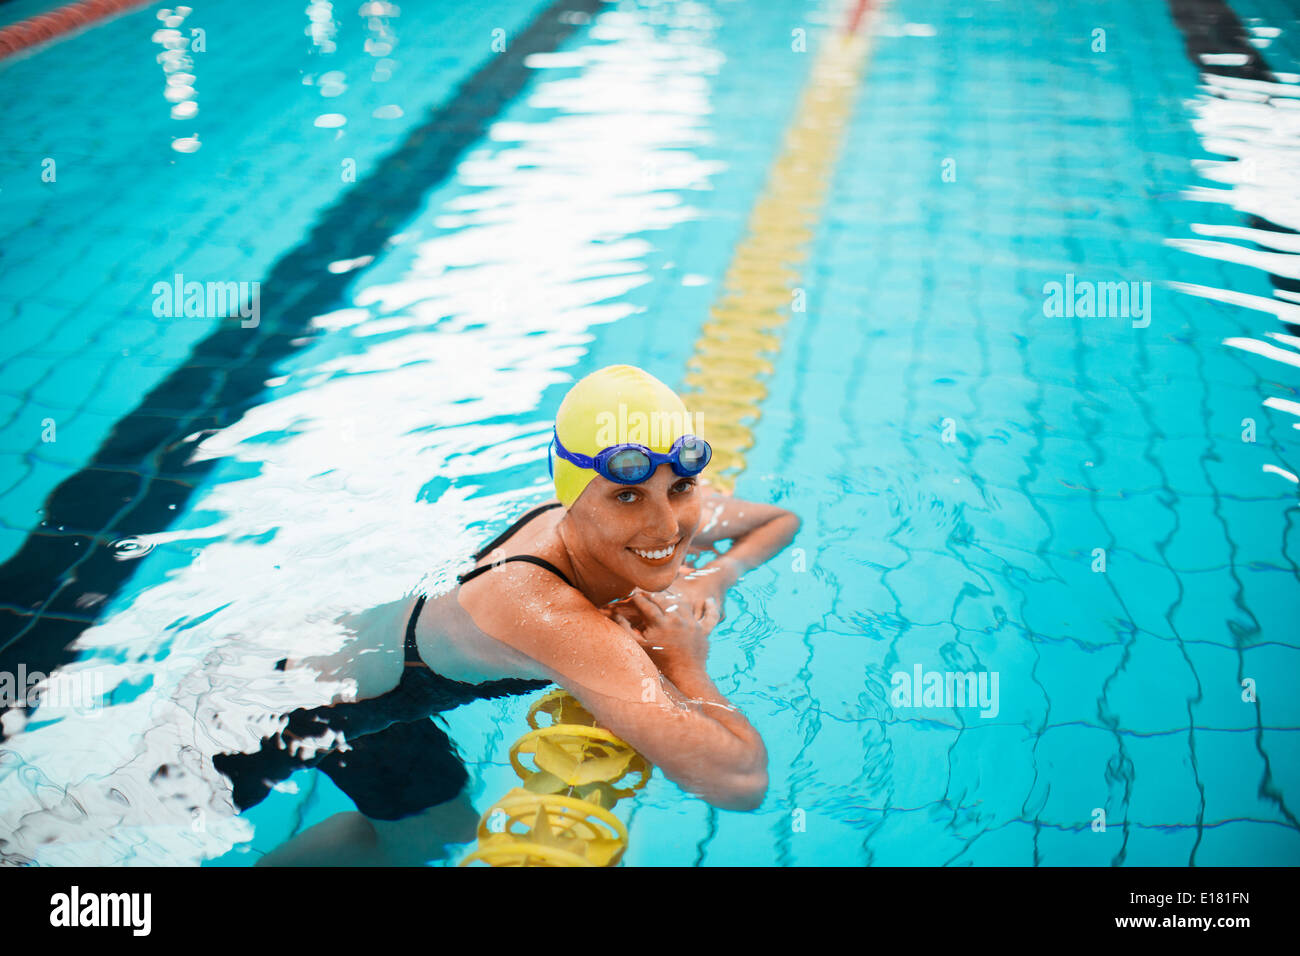 Retrato del nadador sonriente apoyándose en carril de natación en la piscina del marcador Imagen De Stock